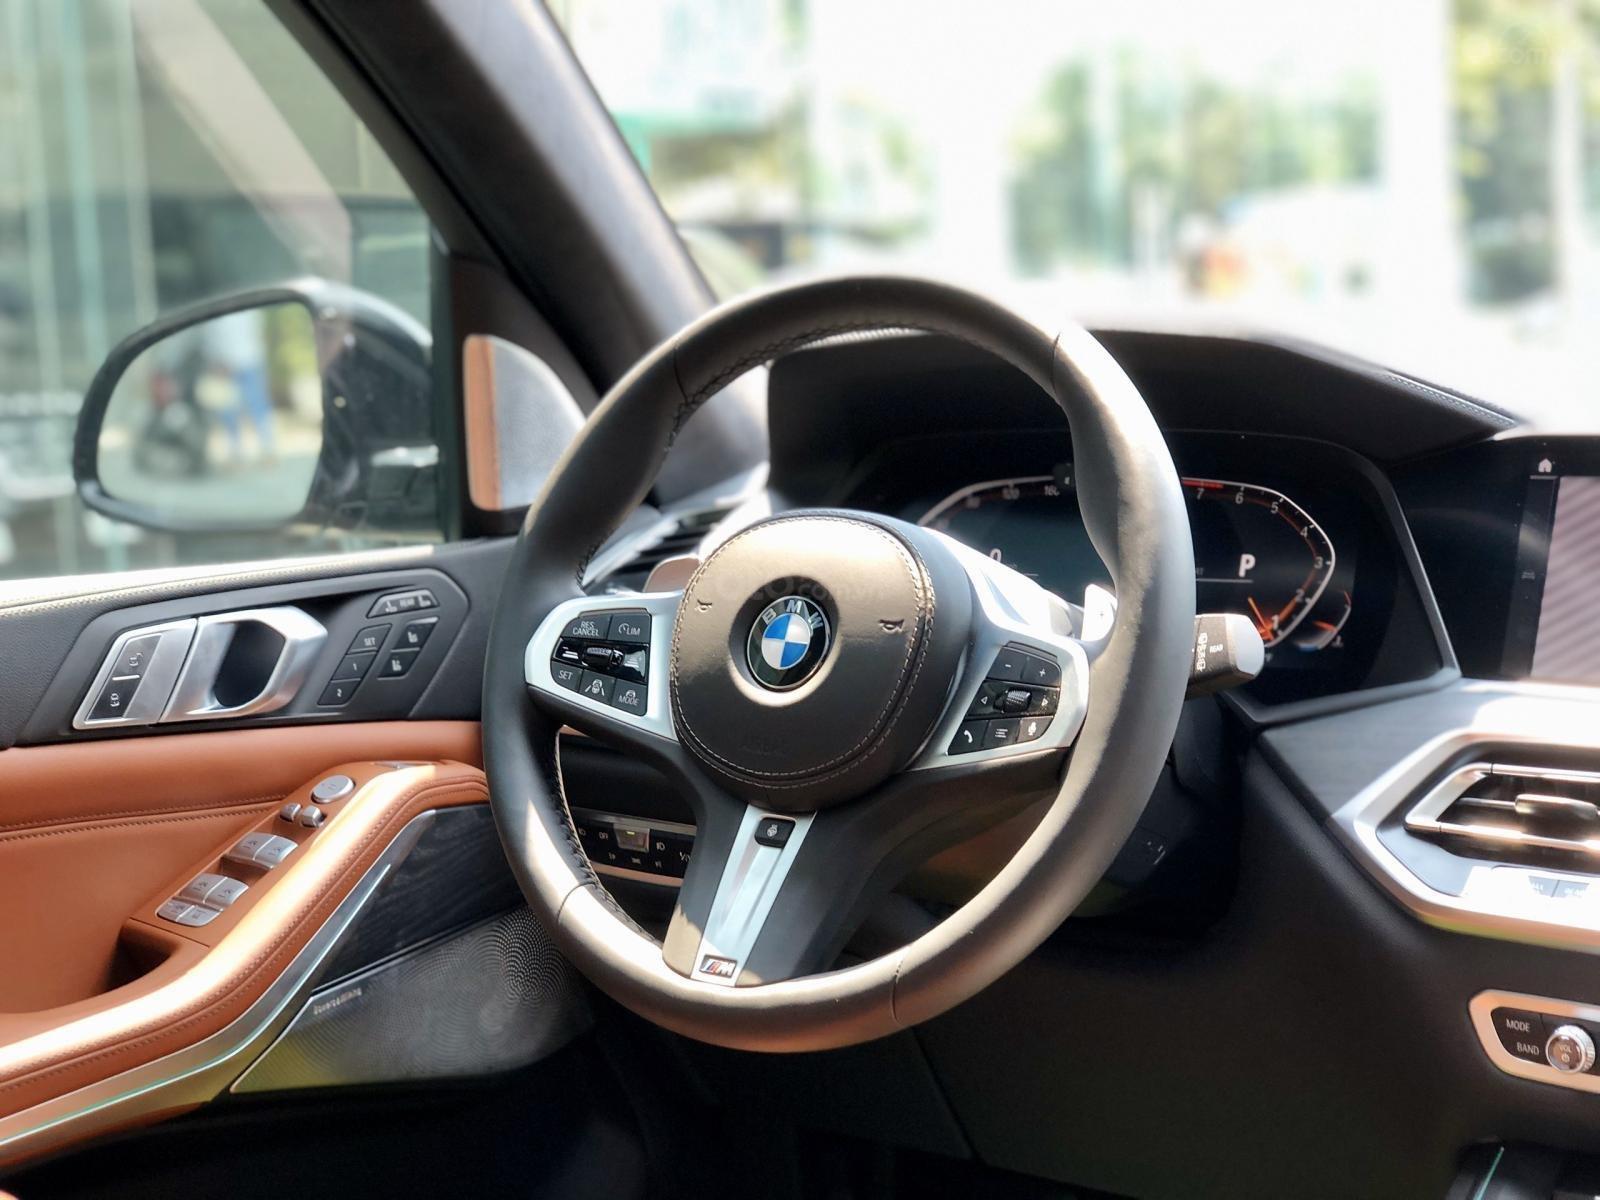 Bán BMW X7 xDrive 40i 2019 Hồ Chí Minh, giá tốt giao xe ngay toàn quốc, LH trực tiếp 0844.177.222 (7)